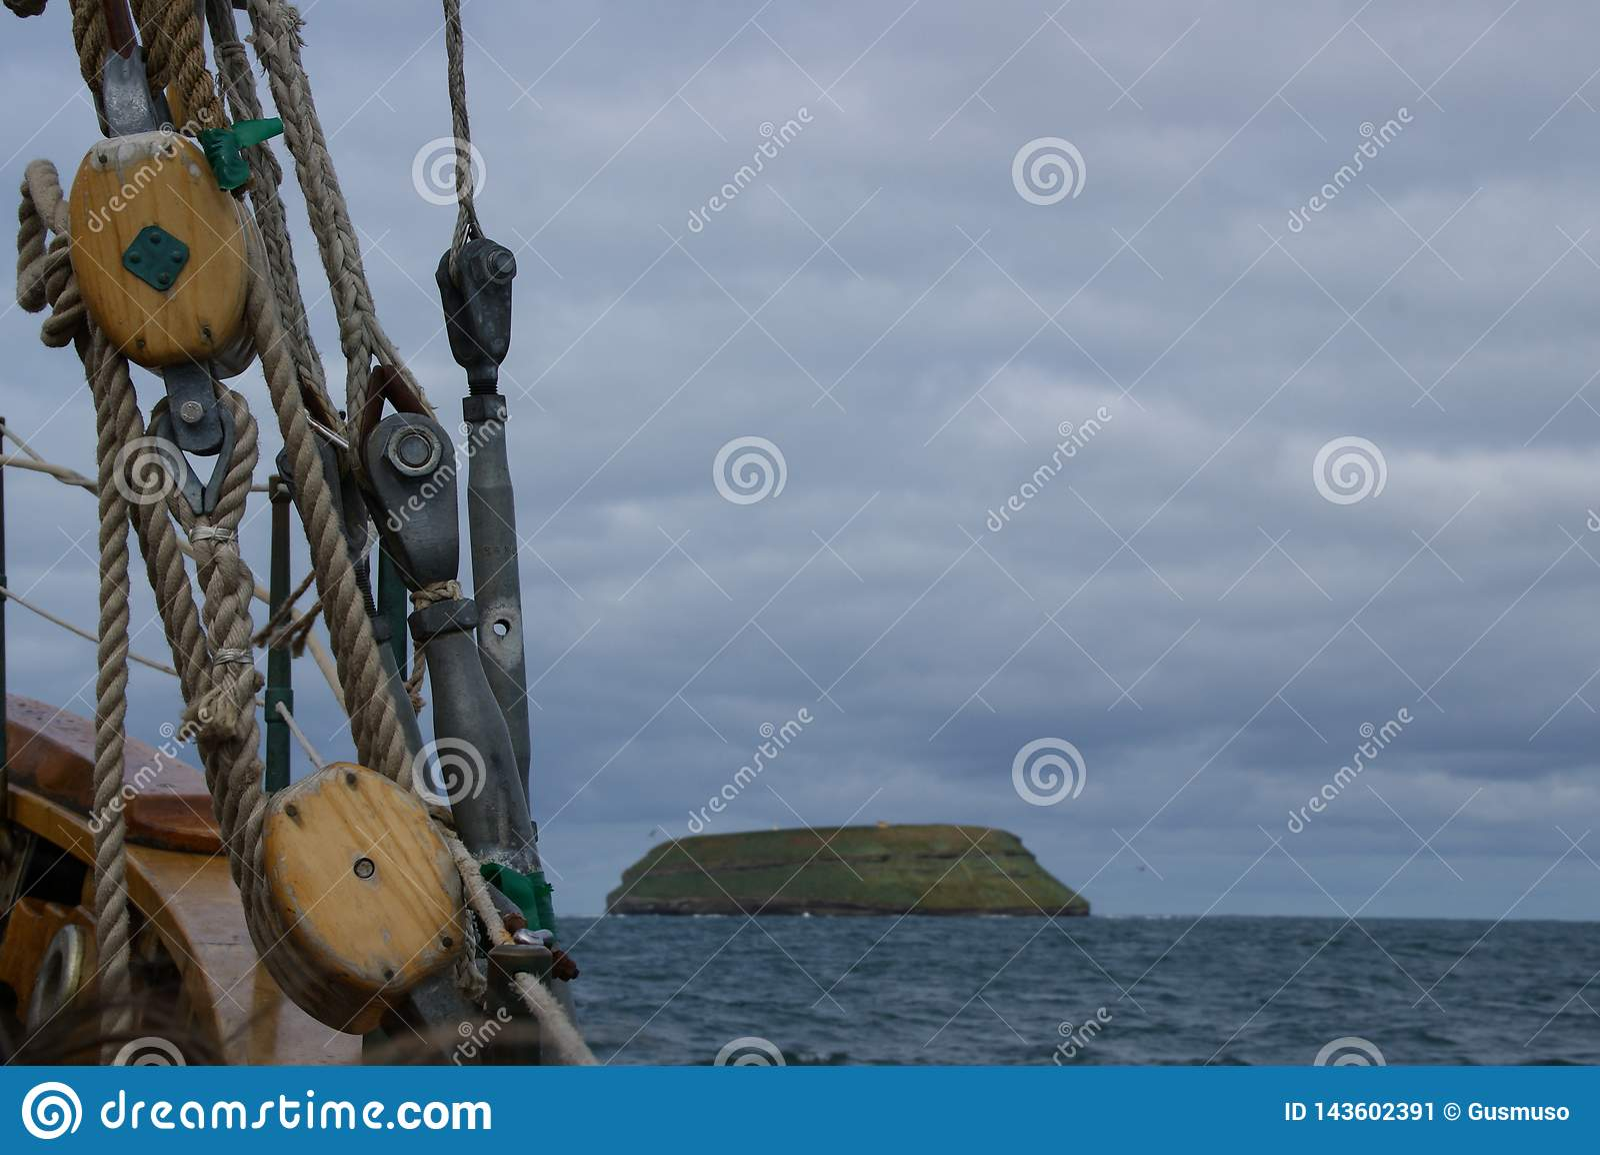 Rep av en forntida valfångare i förgrunden och i bakgrunden ön var lunnefåglarna bor